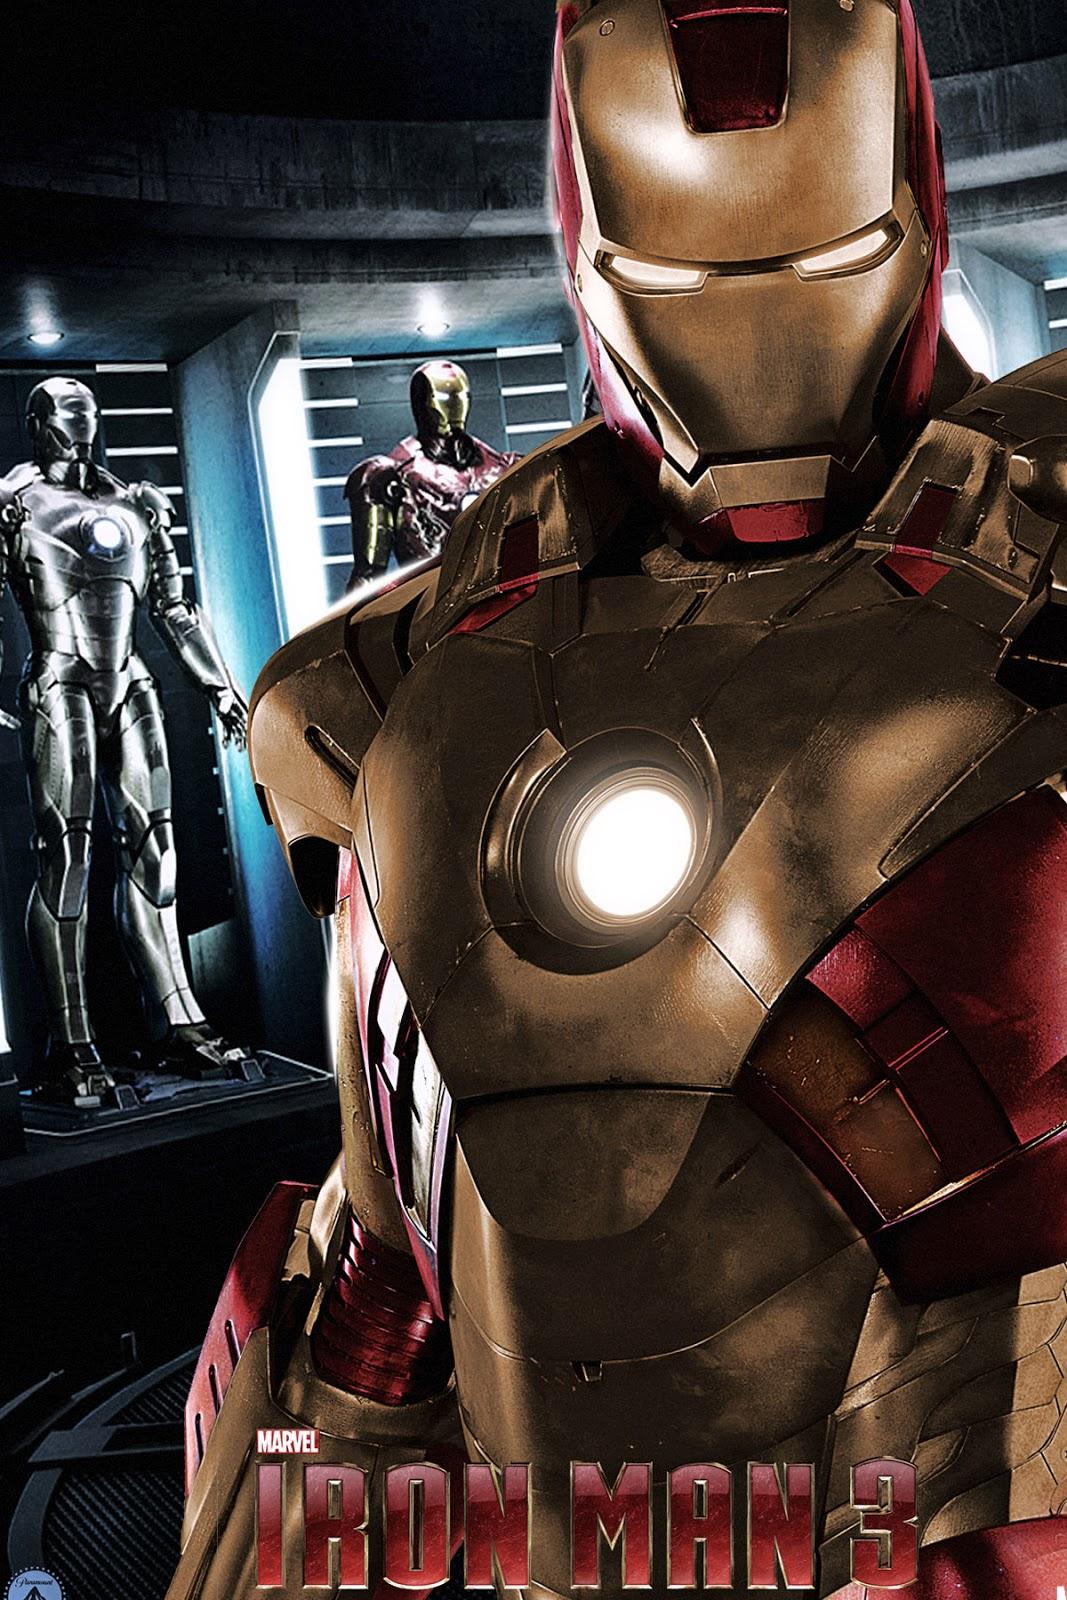 http://1.bp.blogspot.com/-QsbdShNaI8o/UURFWOJupkI/AAAAAAAAgN8/xpD9LFACmBs/s1600/Iron+Man+3+21.jpg